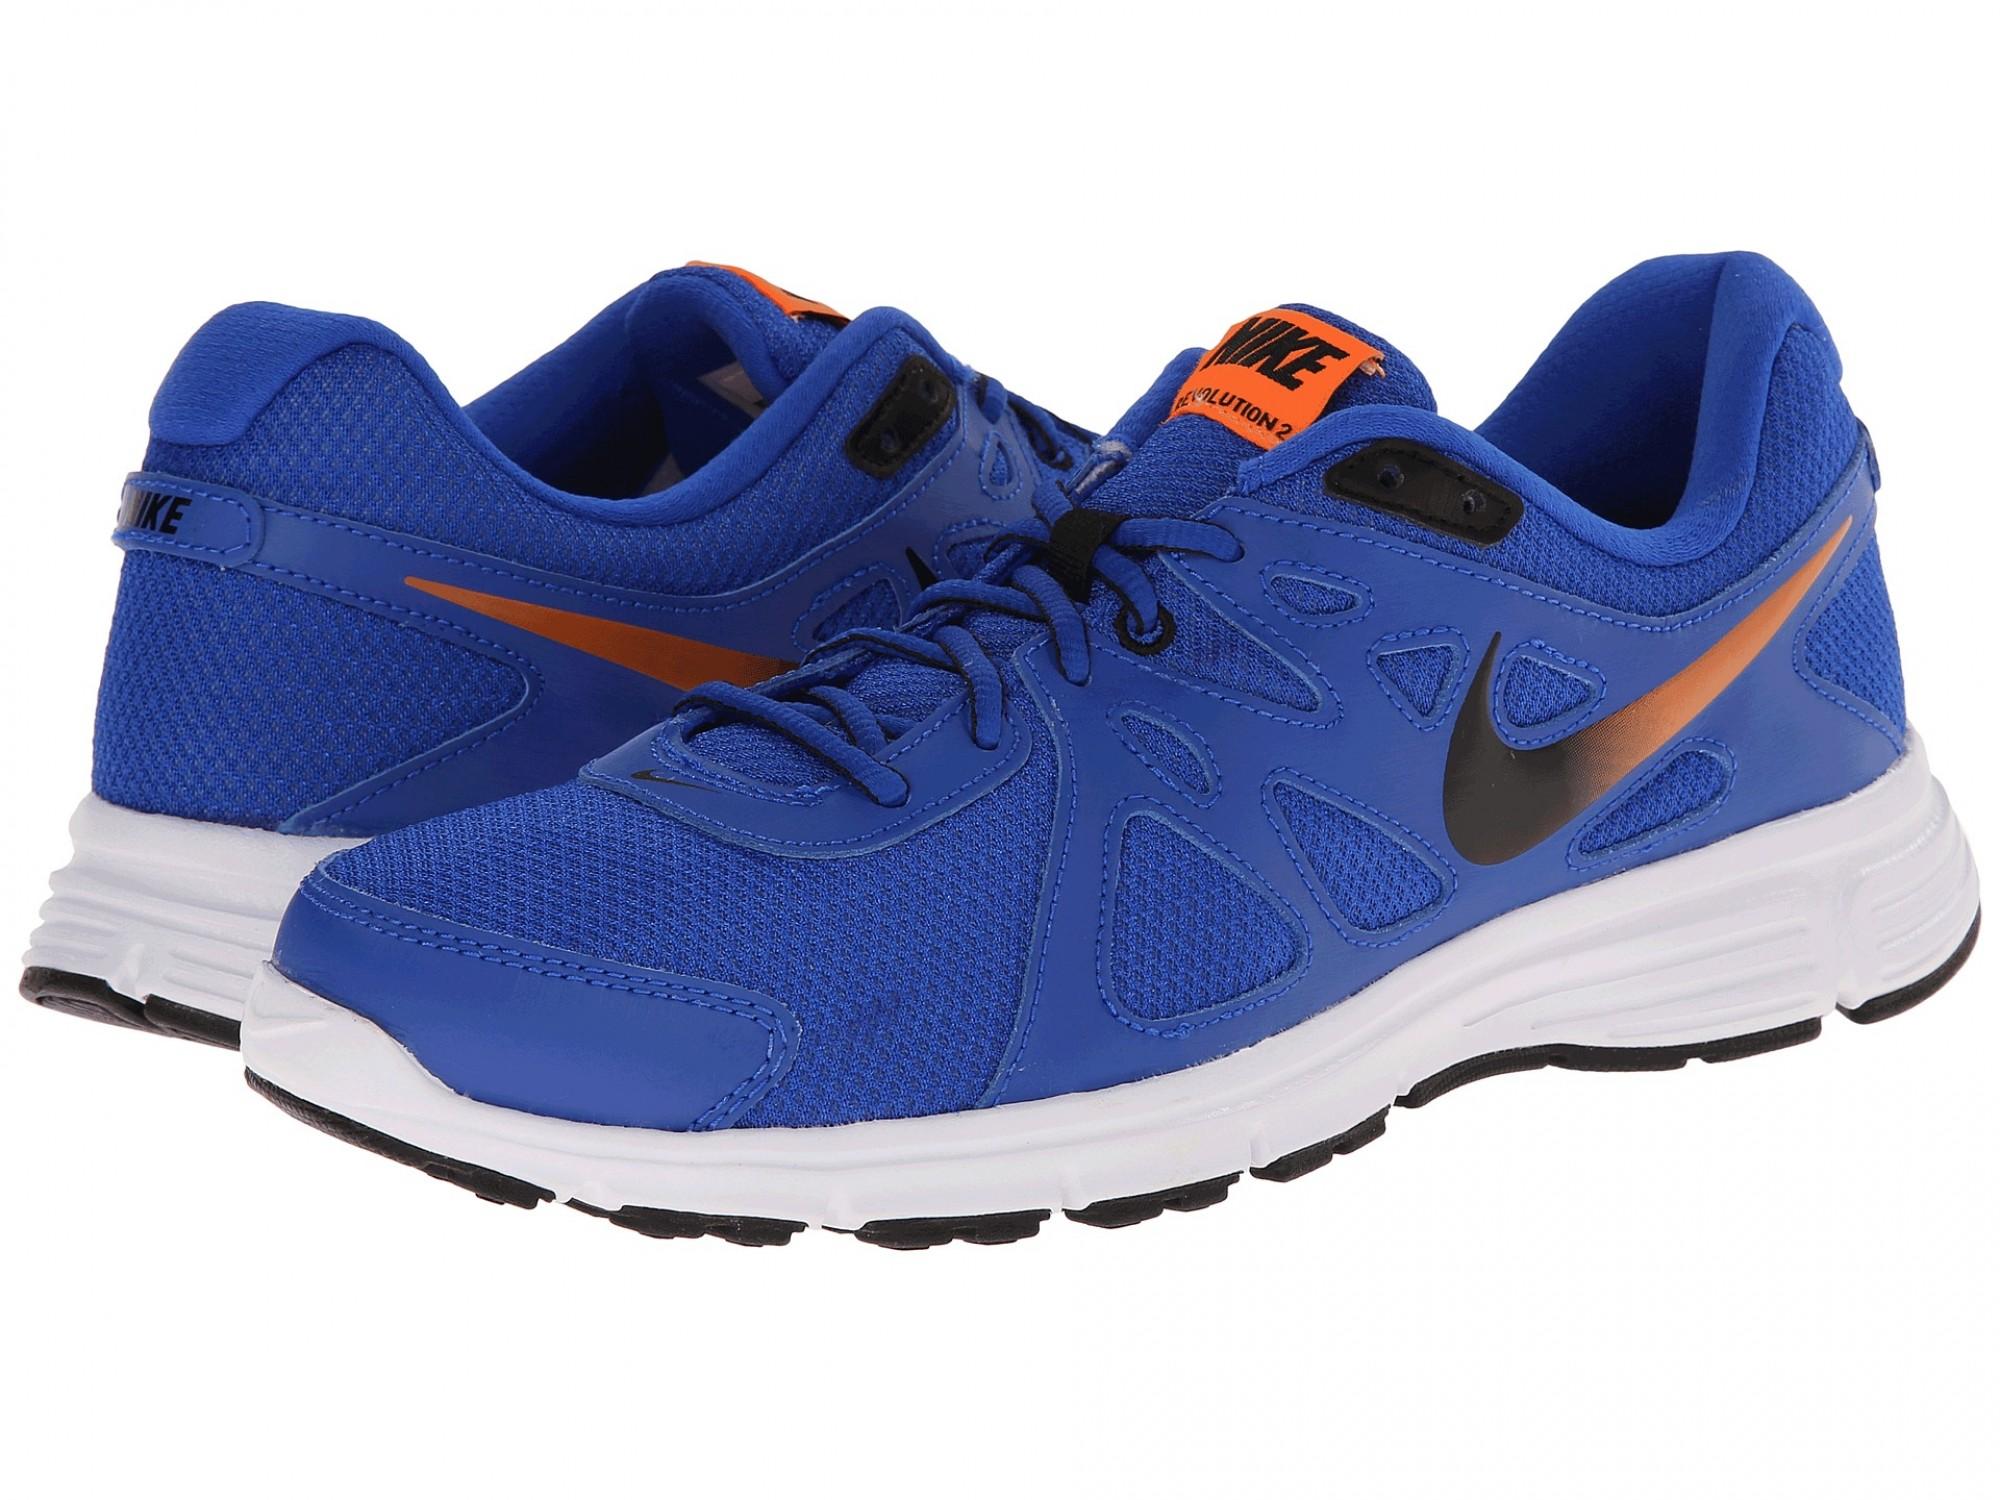 eb494564 Nike Revolution 2 Беговые кроссовки 554953-409 купить в Украине ...